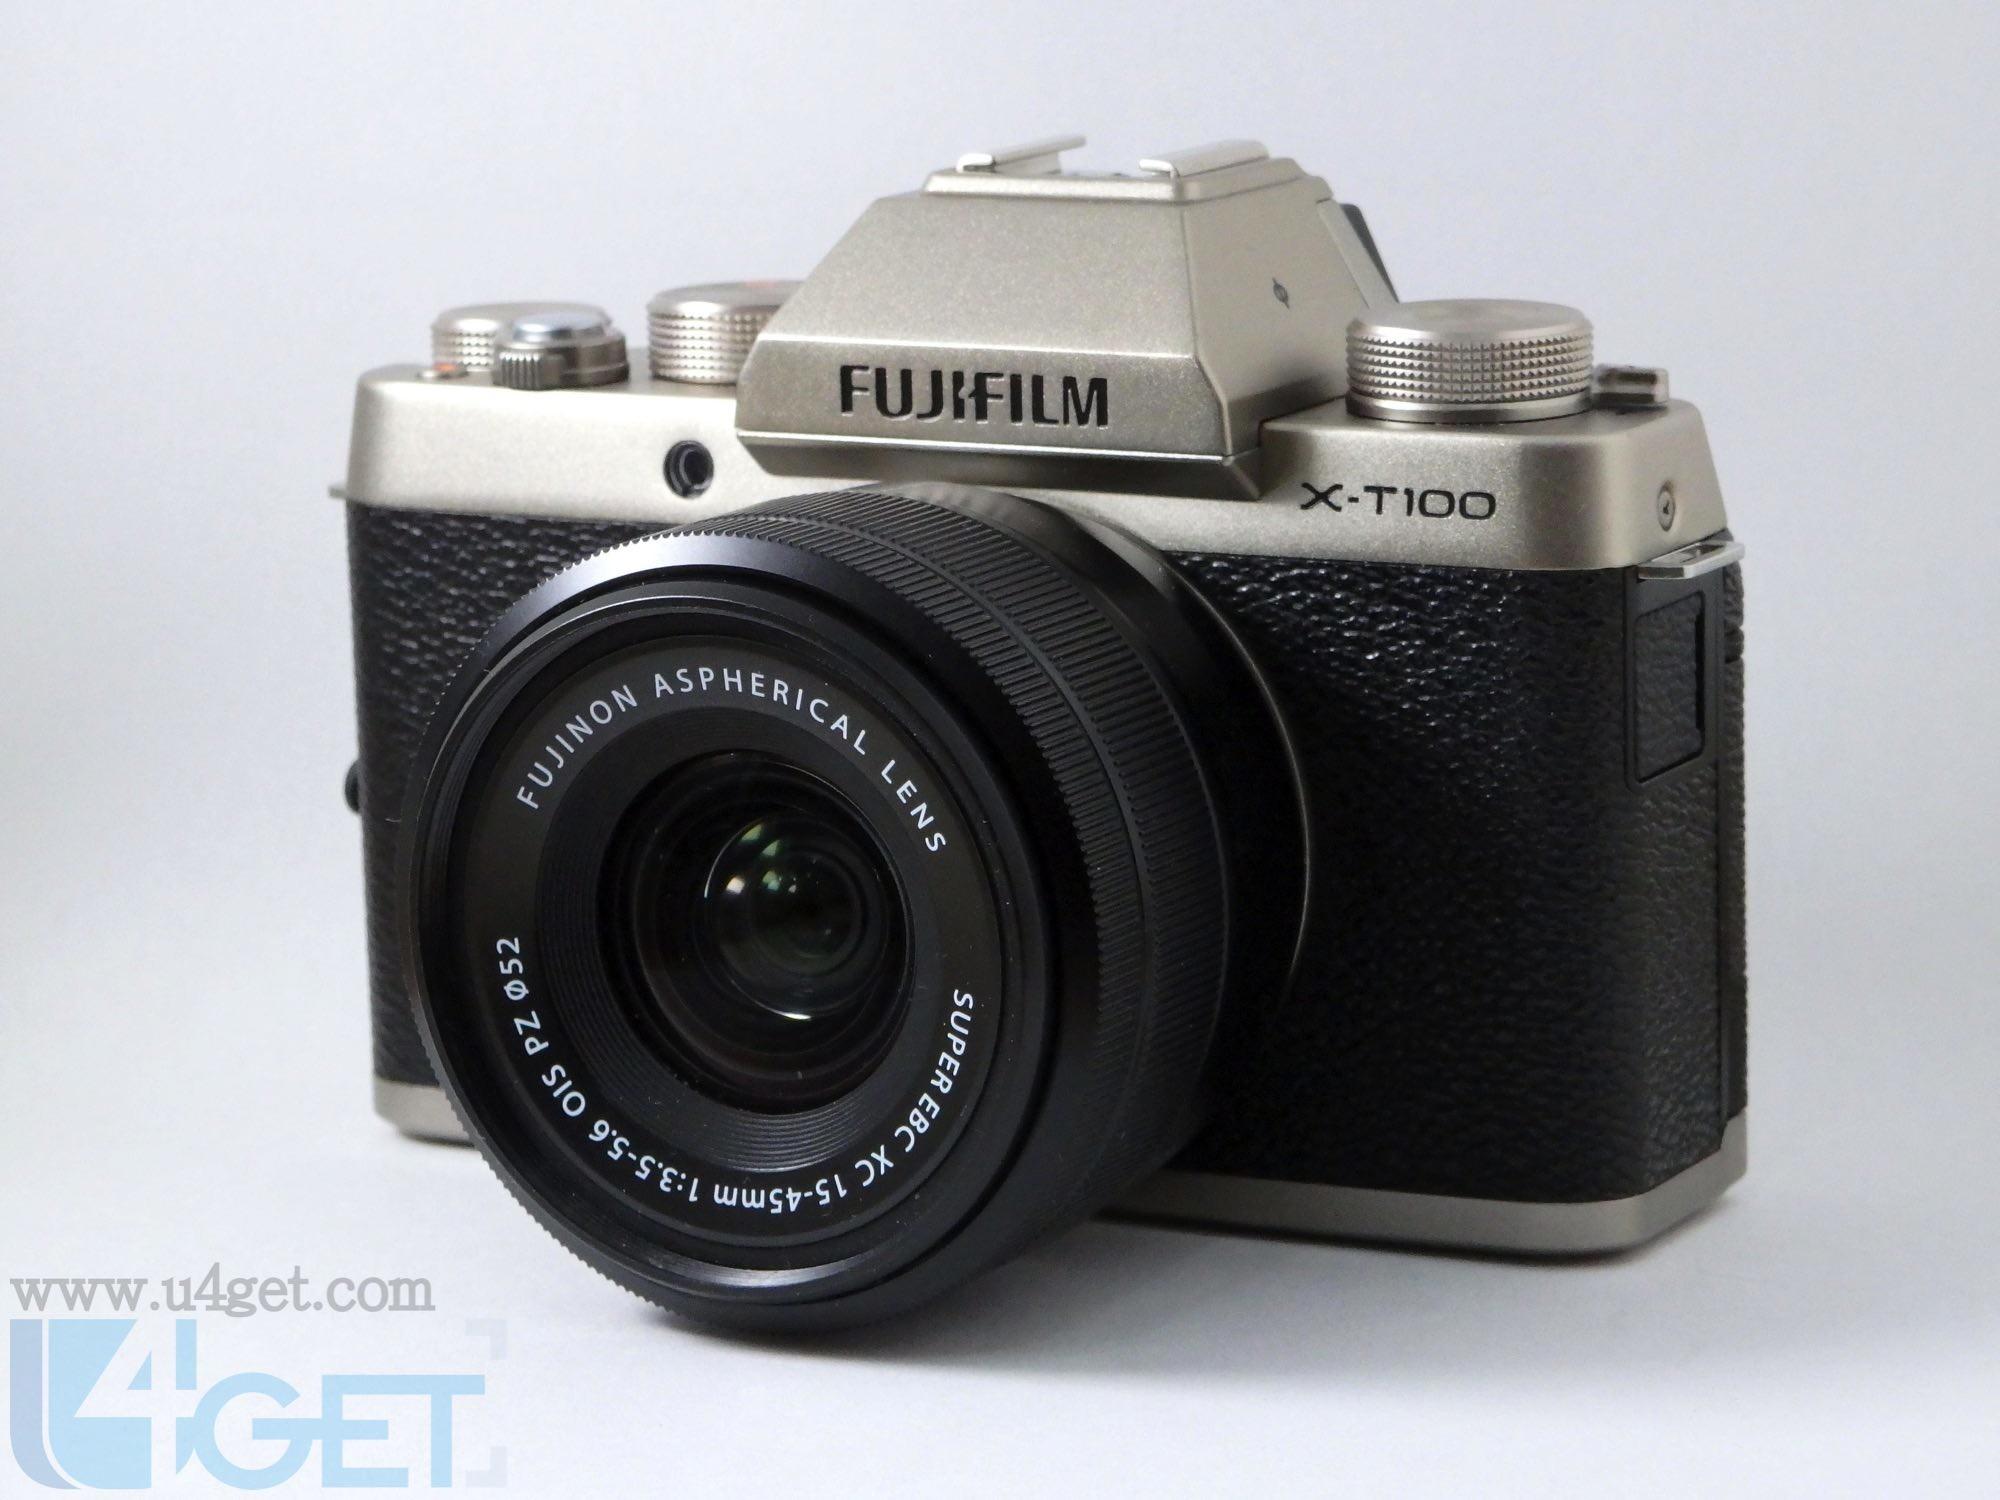 玩相機不如玩靚相  Fujifilm X-T100 中階無反上手實測